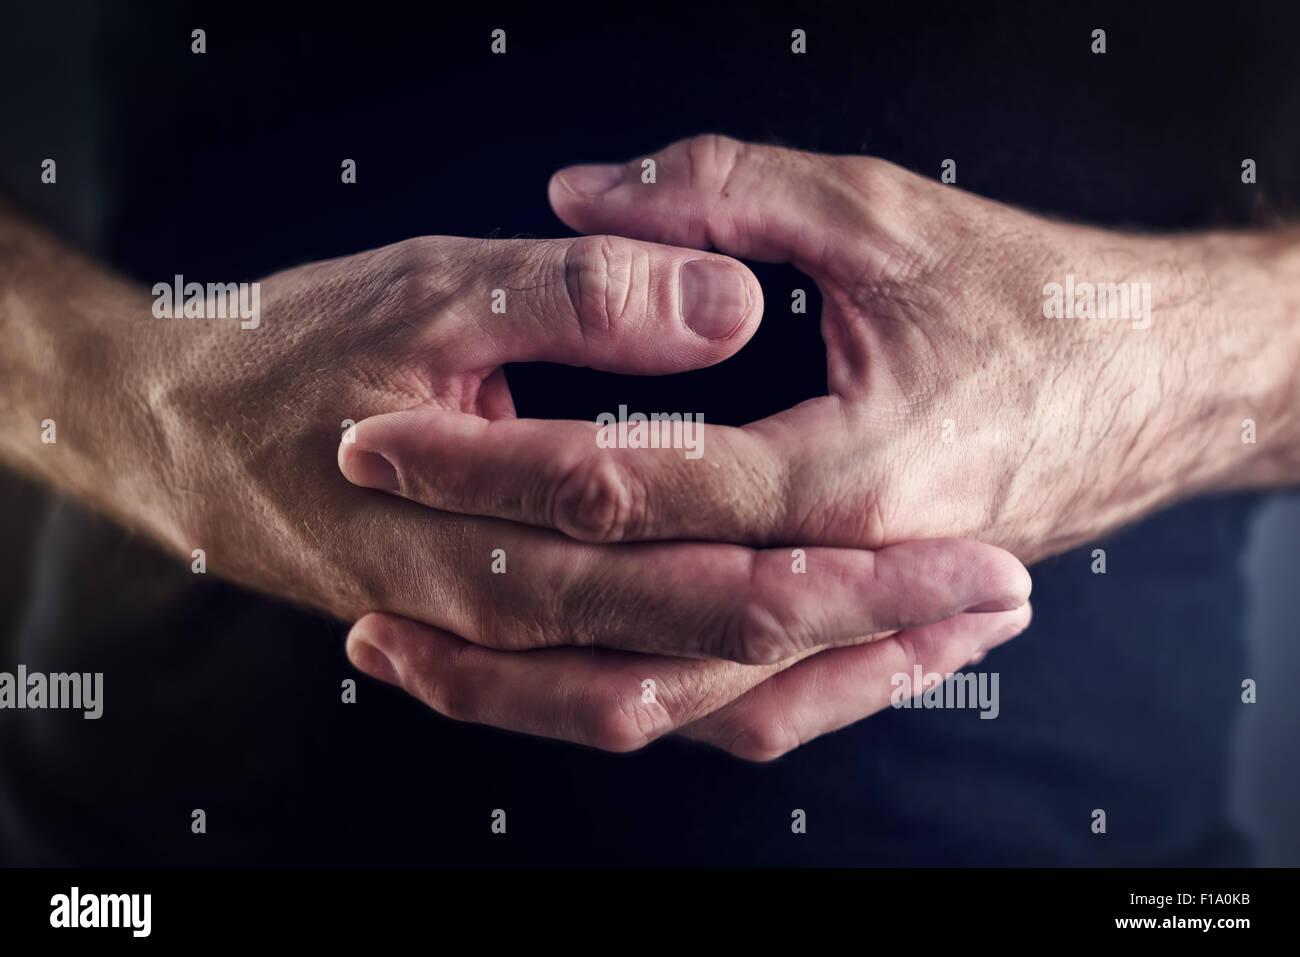 Pulgar cambios, macho manos cambios los dedos como un ejemplo de pérdida de tiempo inútil la actividad, cerrar el enfoque selectivo Foto de stock